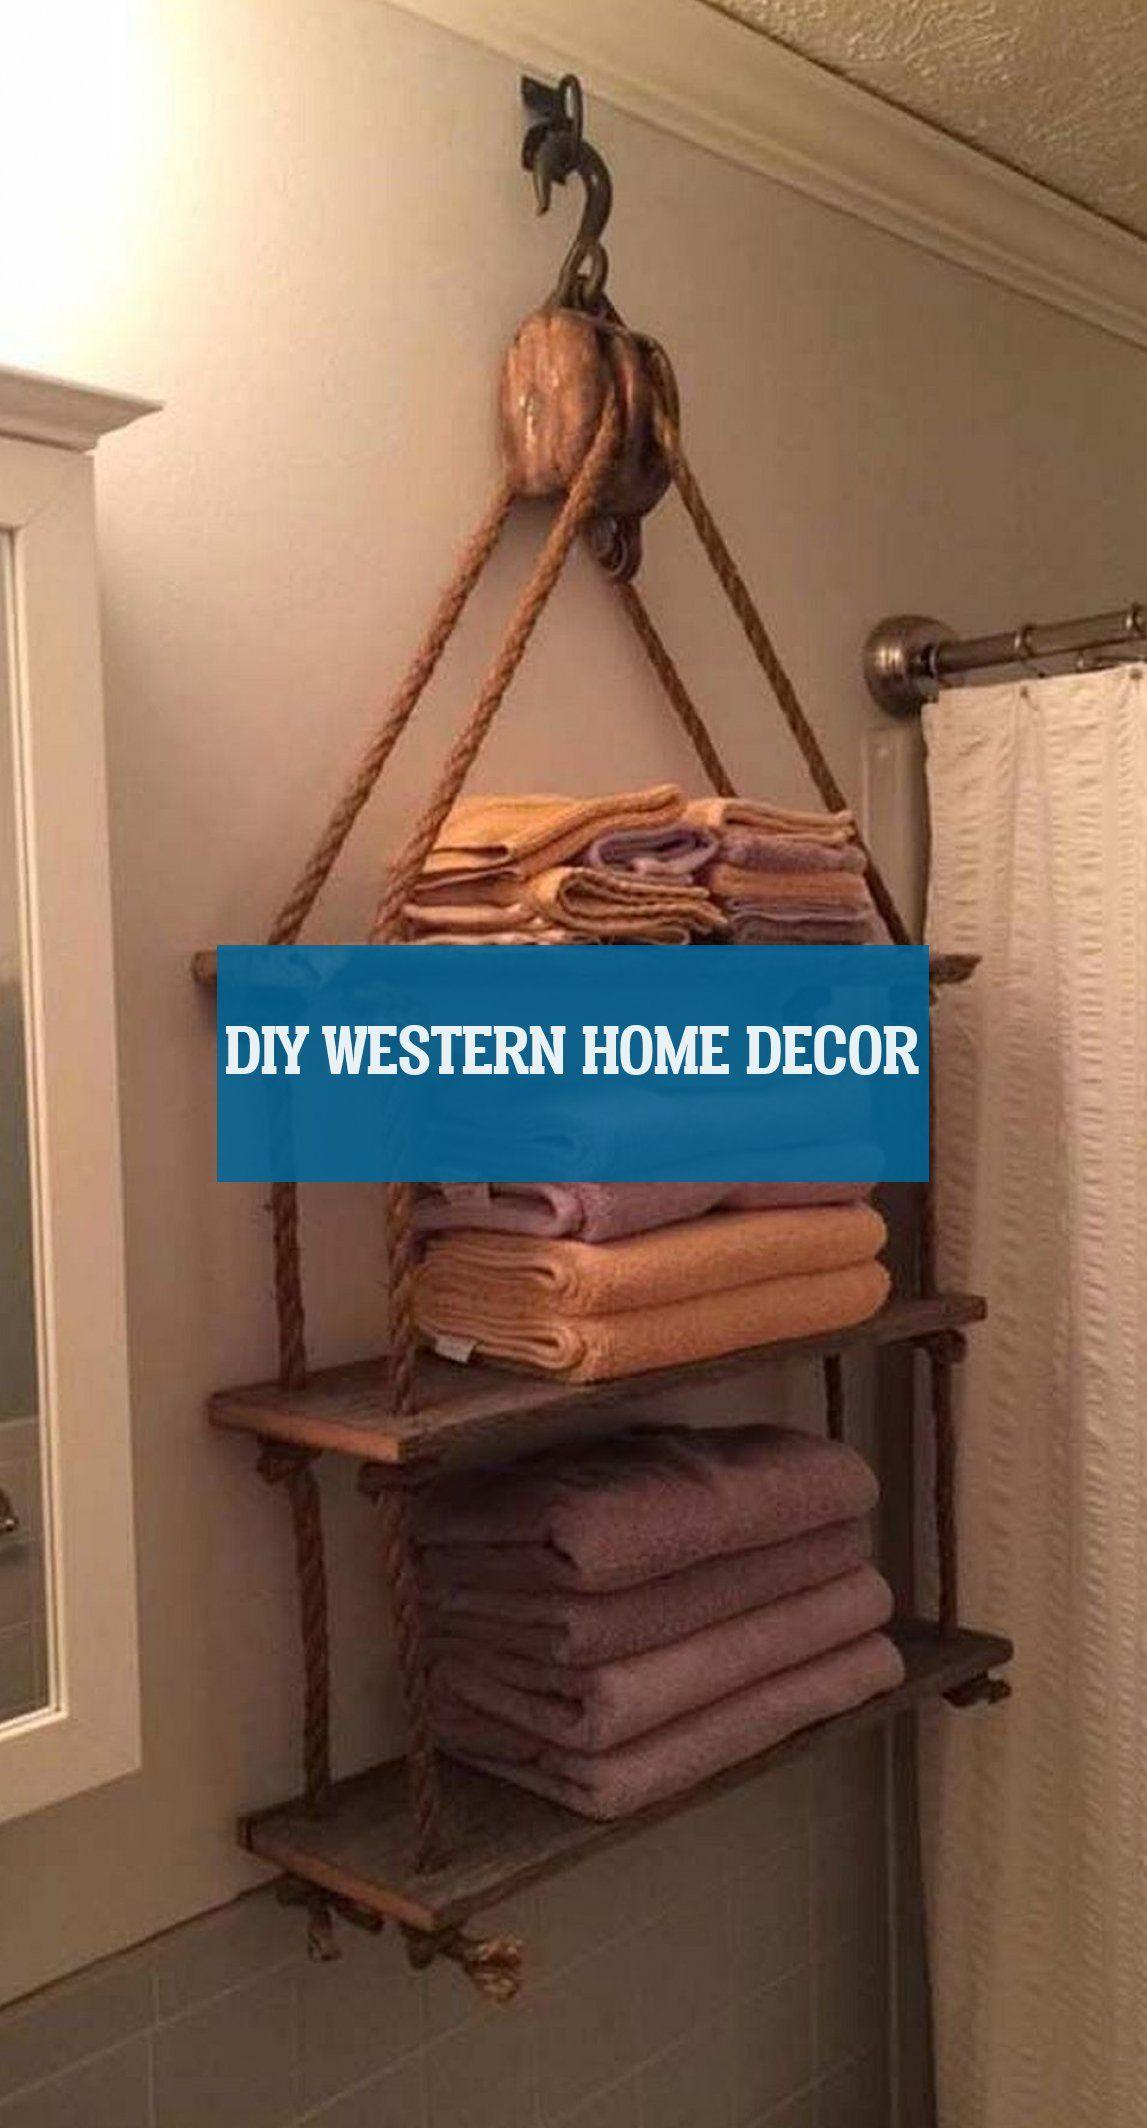 Arredamento Fai Da Te arredamento per la casa occidentale fai da te | western